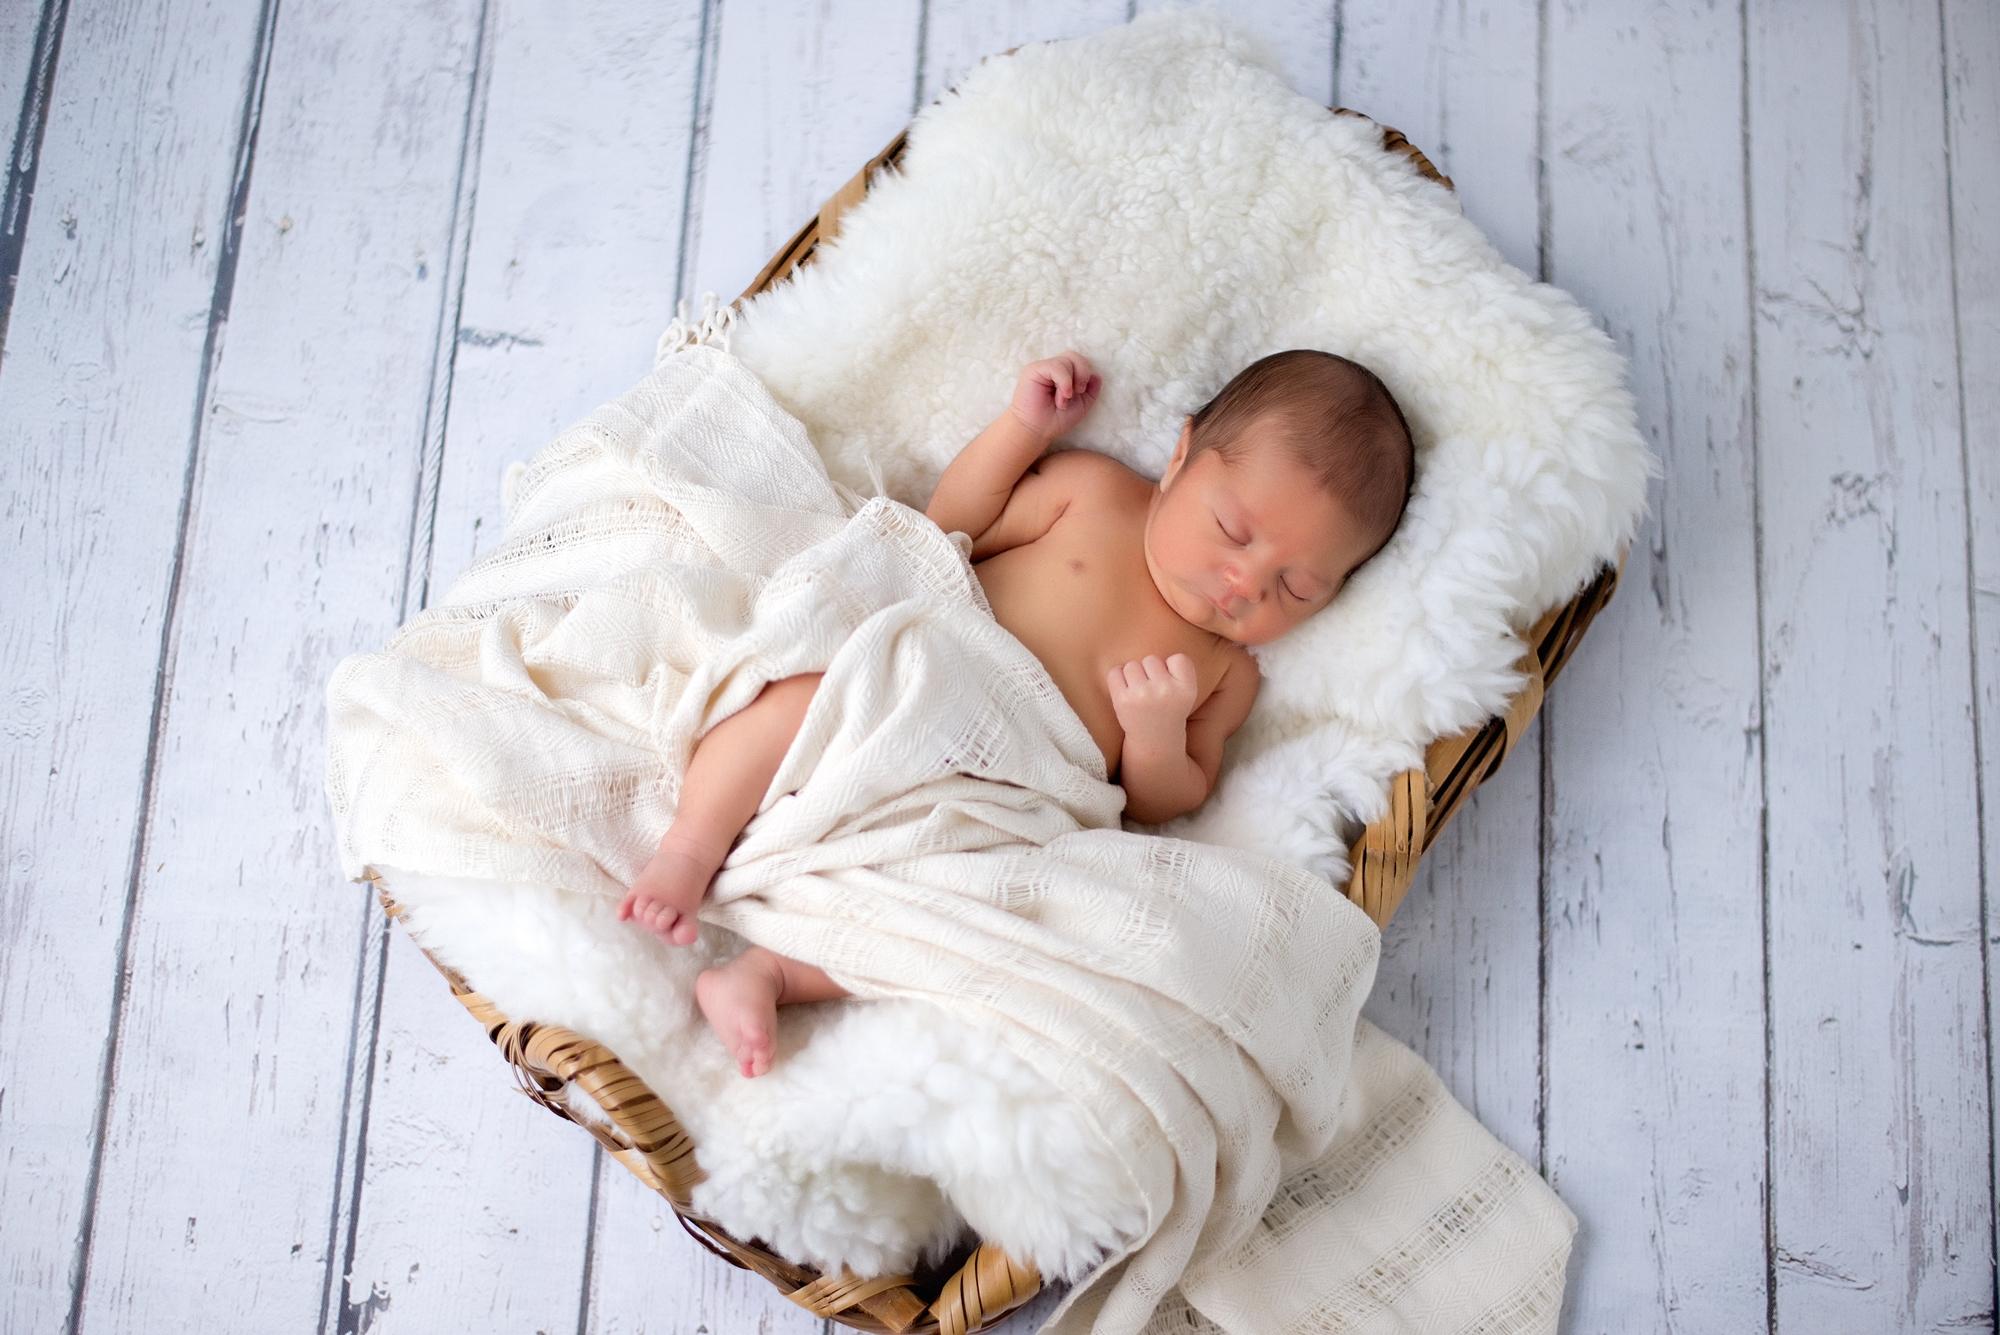 estudio fotografico new born en toluca y metepec